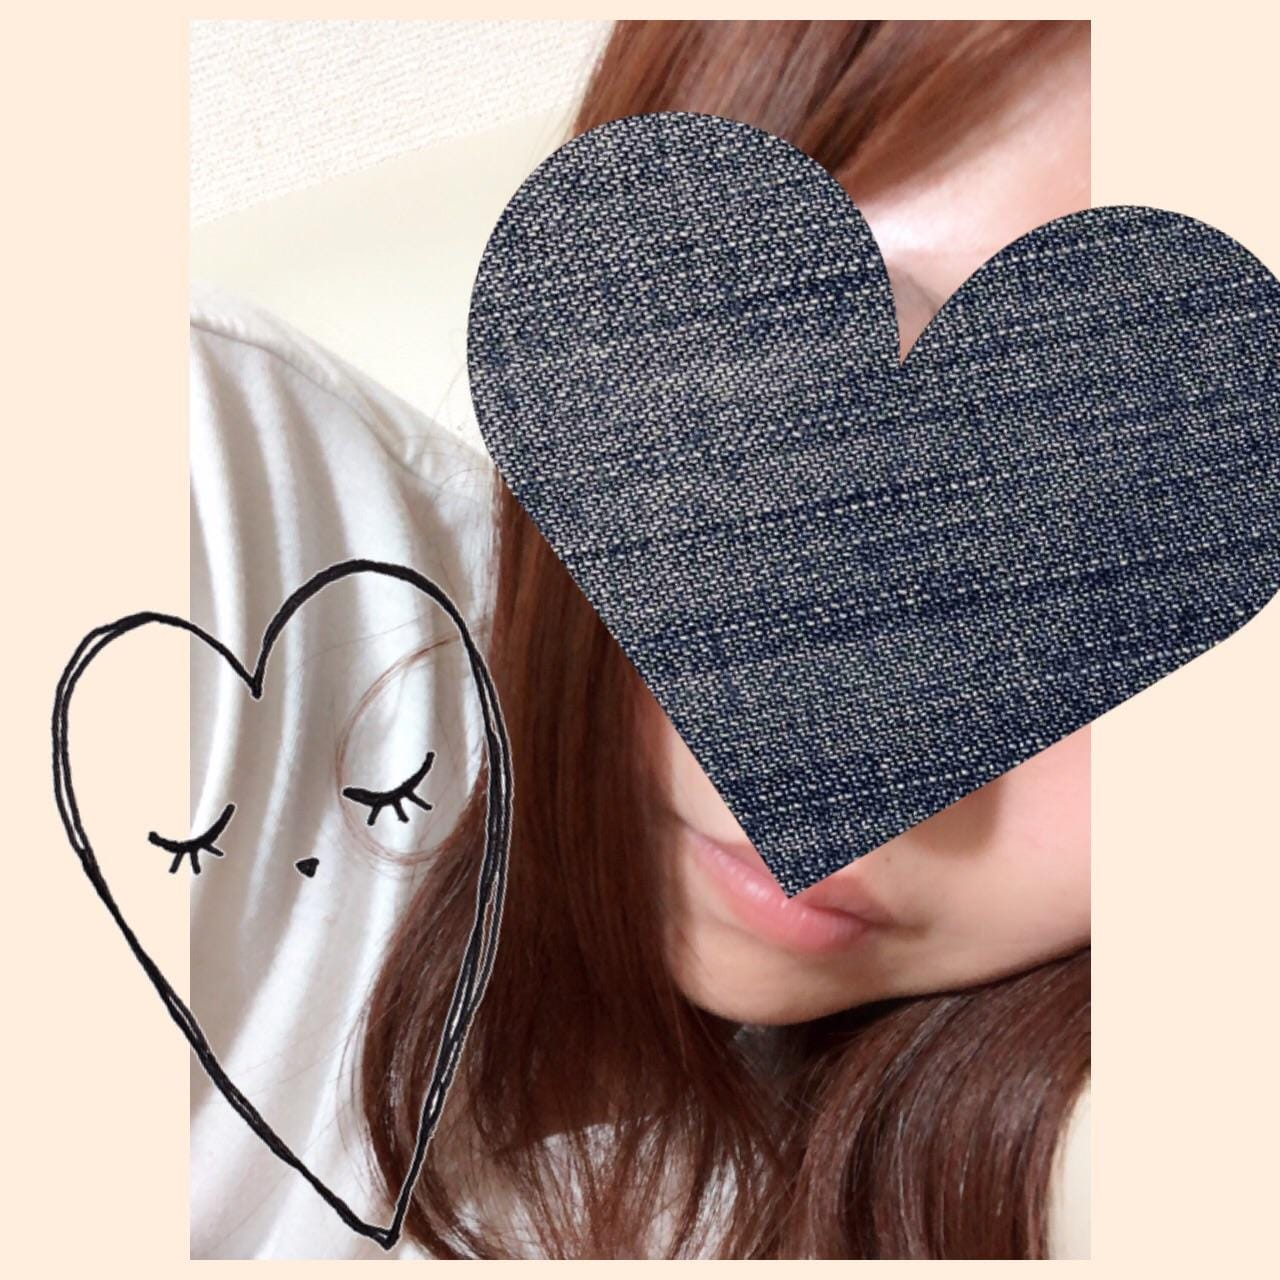 「おやすみ〜」11/17日(土) 03:37   ゆうみ☆の写メ・風俗動画